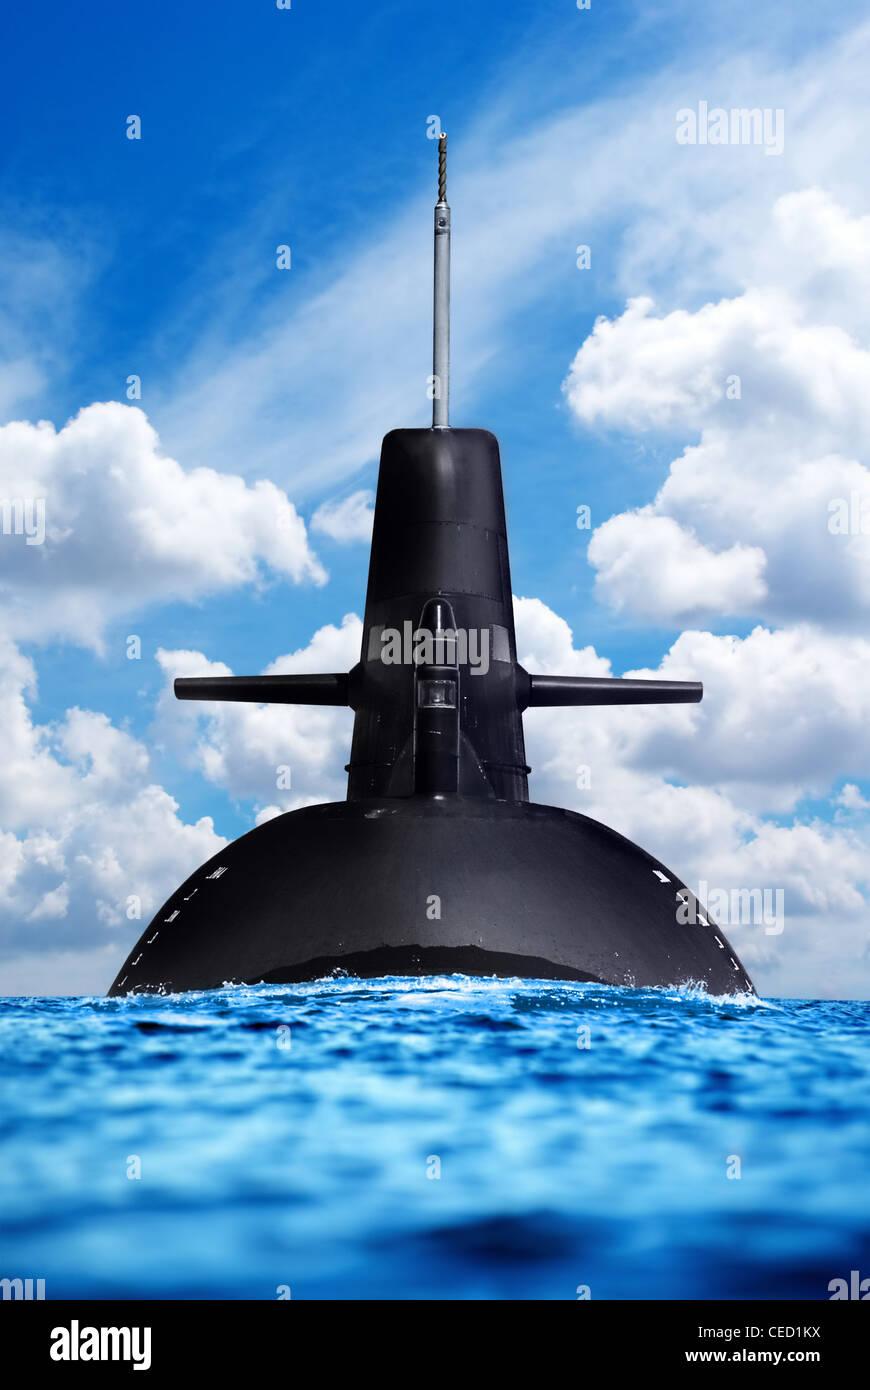 Las fuerzas del ejército y sus armas en tierra, mar y aire. Submarino nuclear en el océano. Imagen De Stock